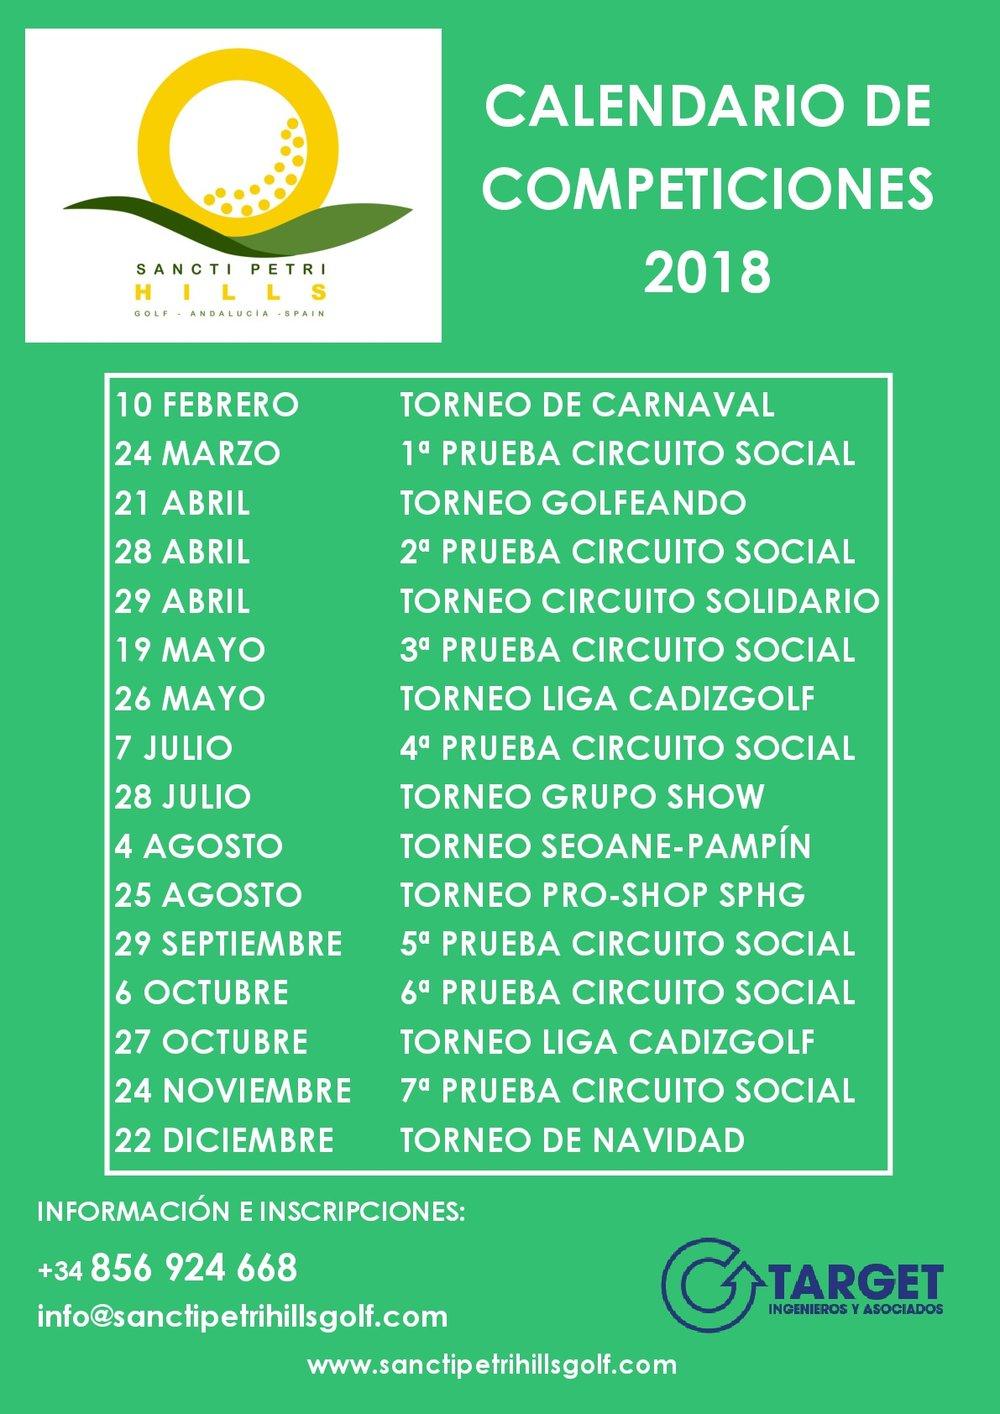 calendario competiciones 2018-001.jpg